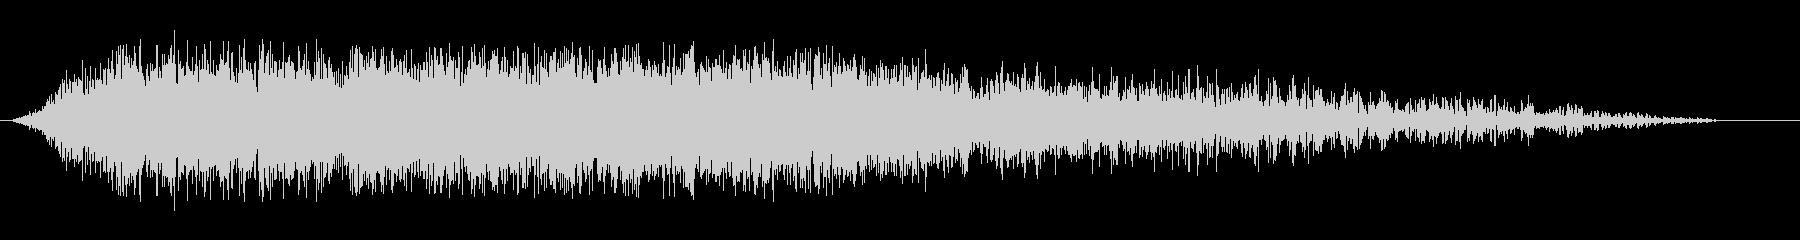 シャラララン↑(明るいミラクルな効果音)の未再生の波形